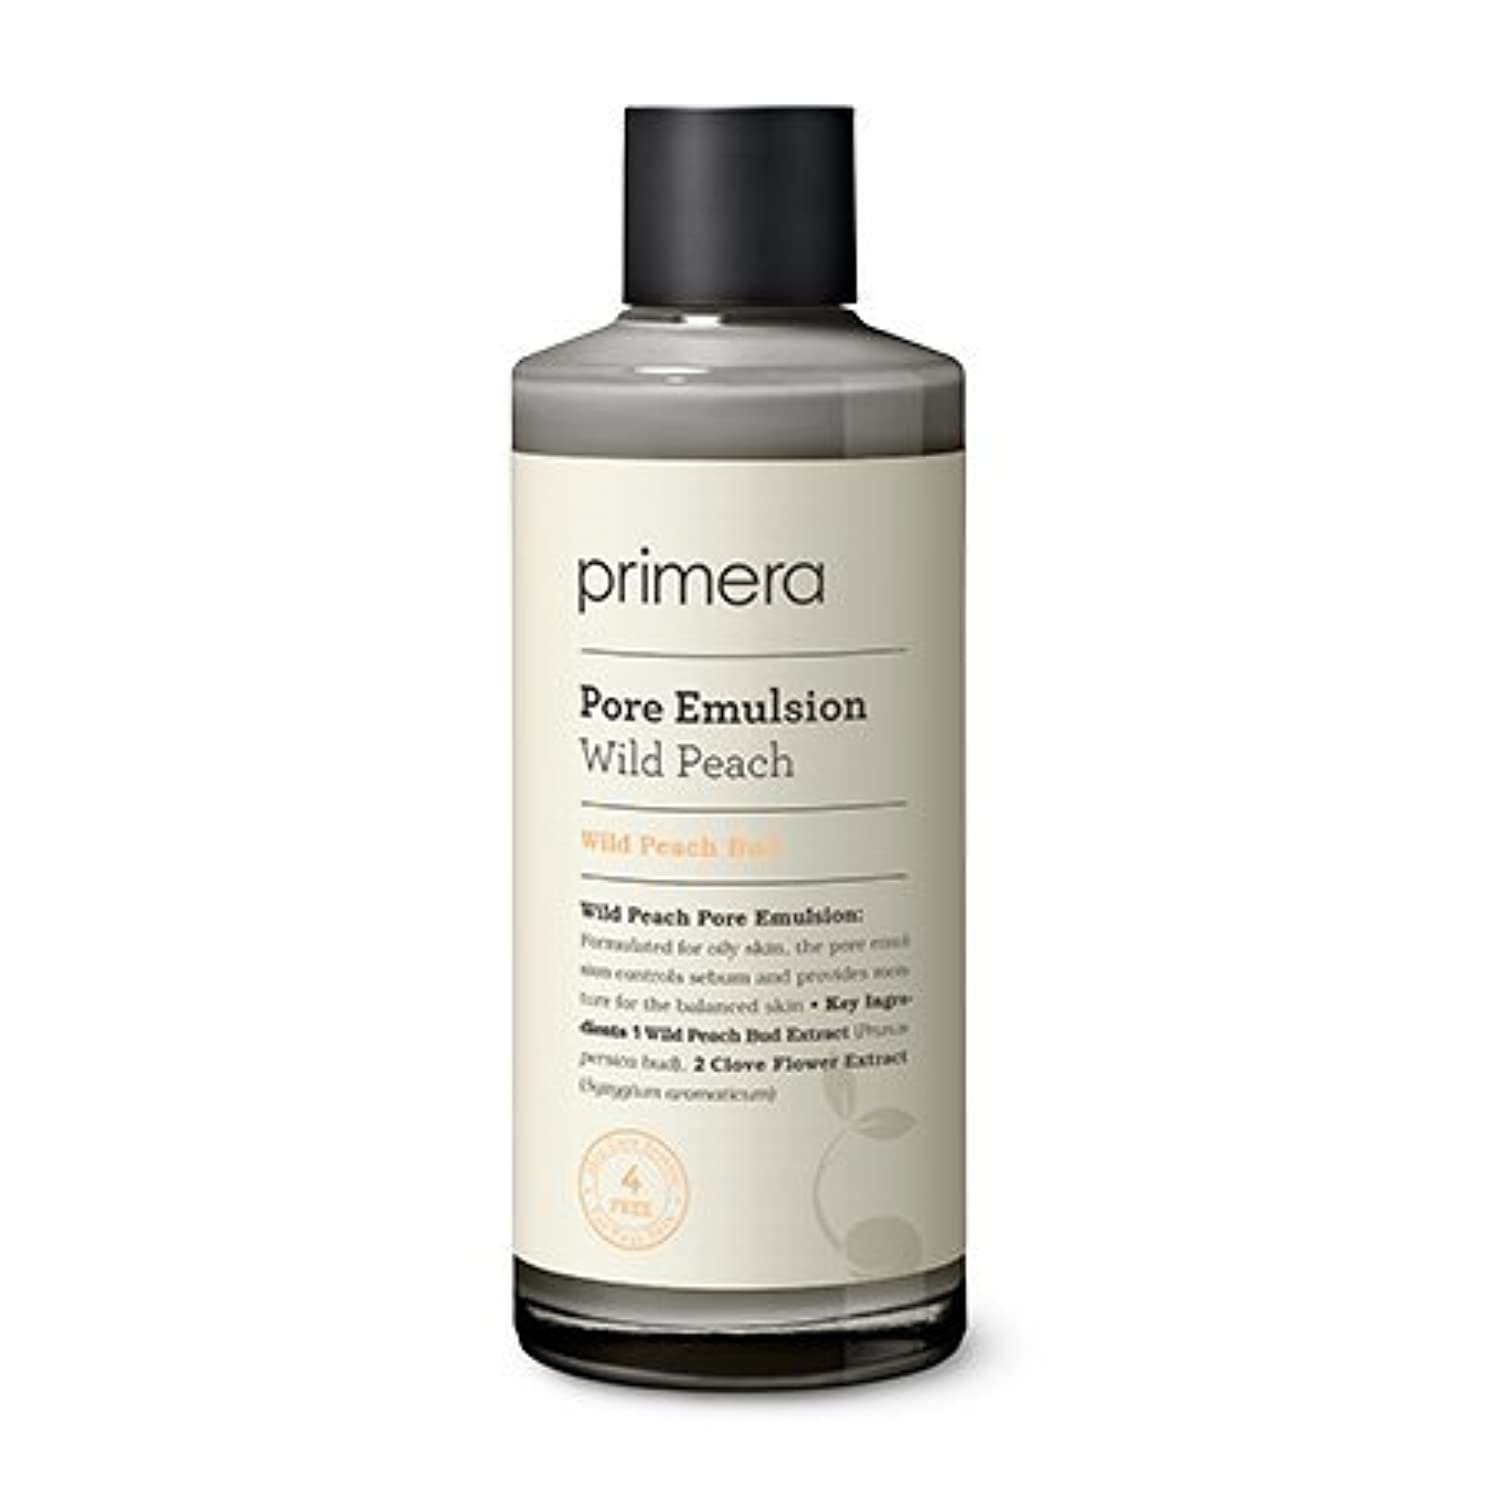 まっすぐにする百彼らの【Primera】Wild Peach Pore Emulsion - 150ml (韓国直送品) (SHOPPINGINSTAGRAM)